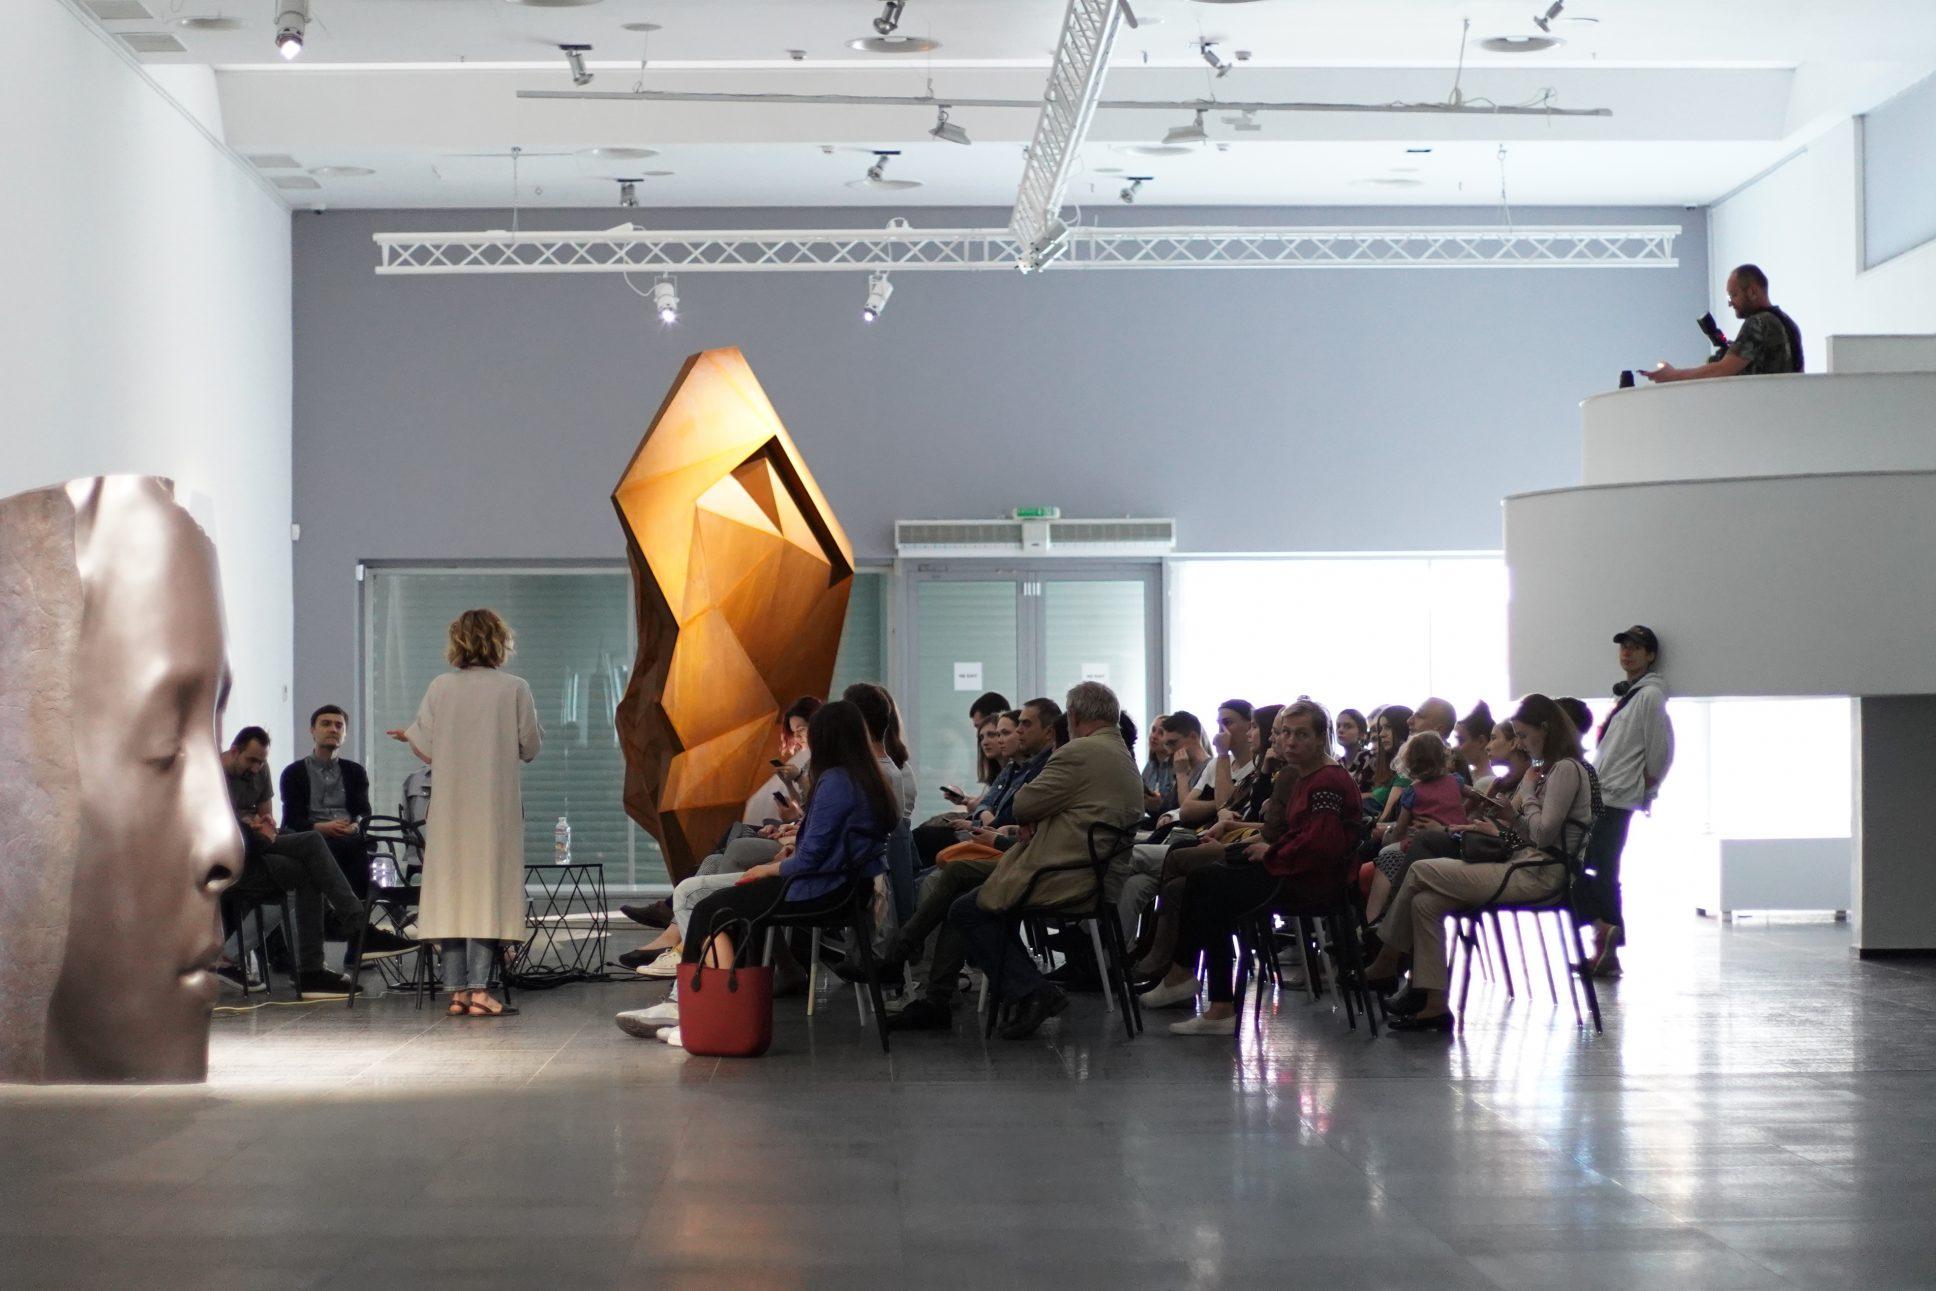 Мистецтво у громадських просторах: за і проти